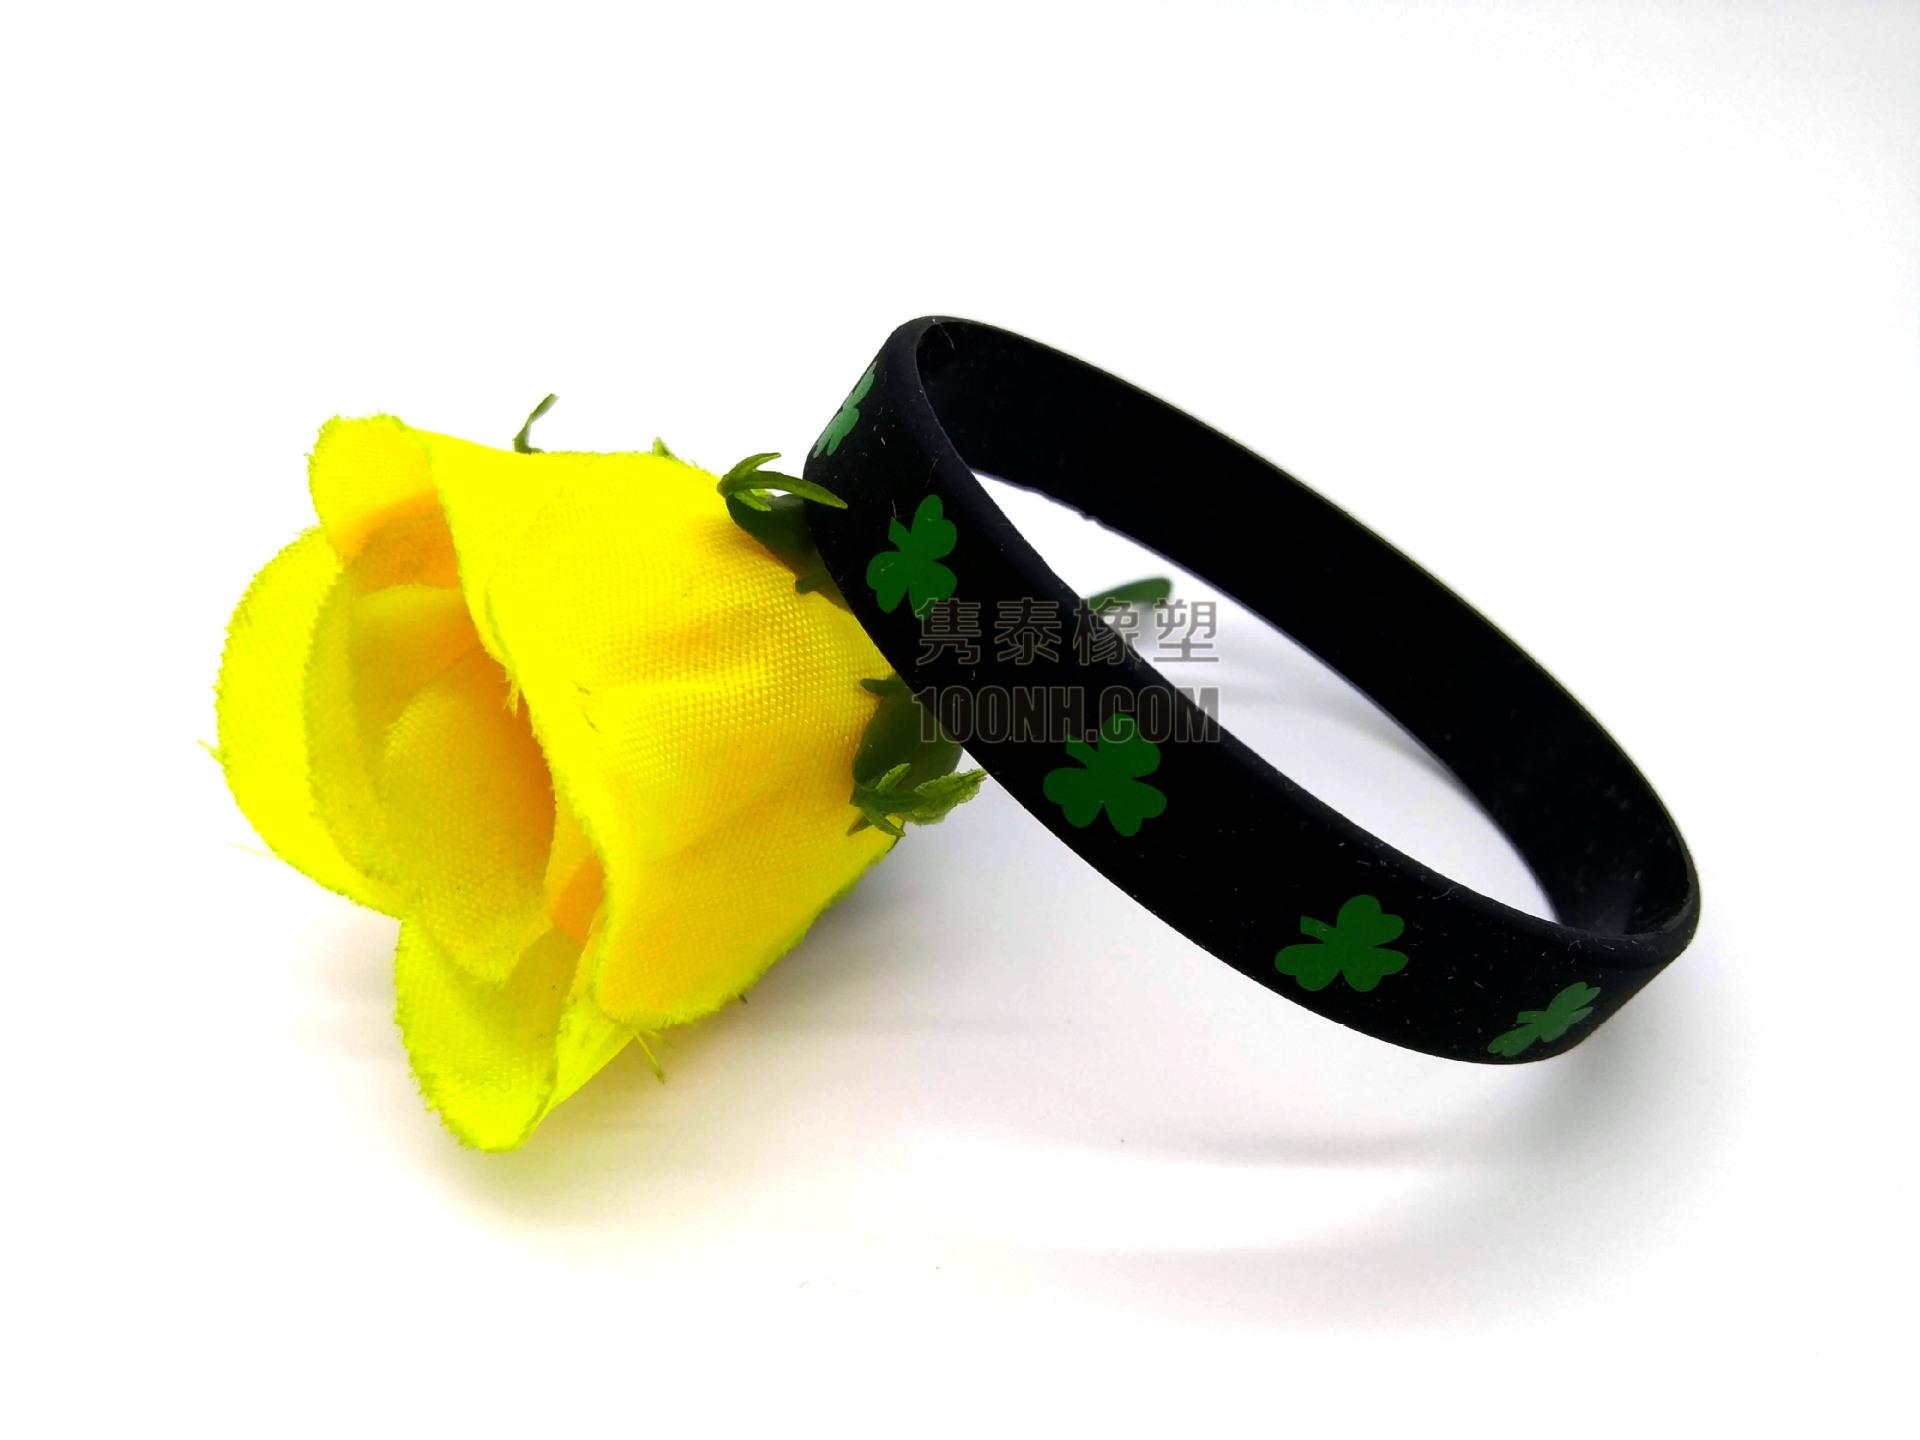 四叶草平面印刷硅胶手环 丝印绿色叶子图案幸运草手链手圈手腕带